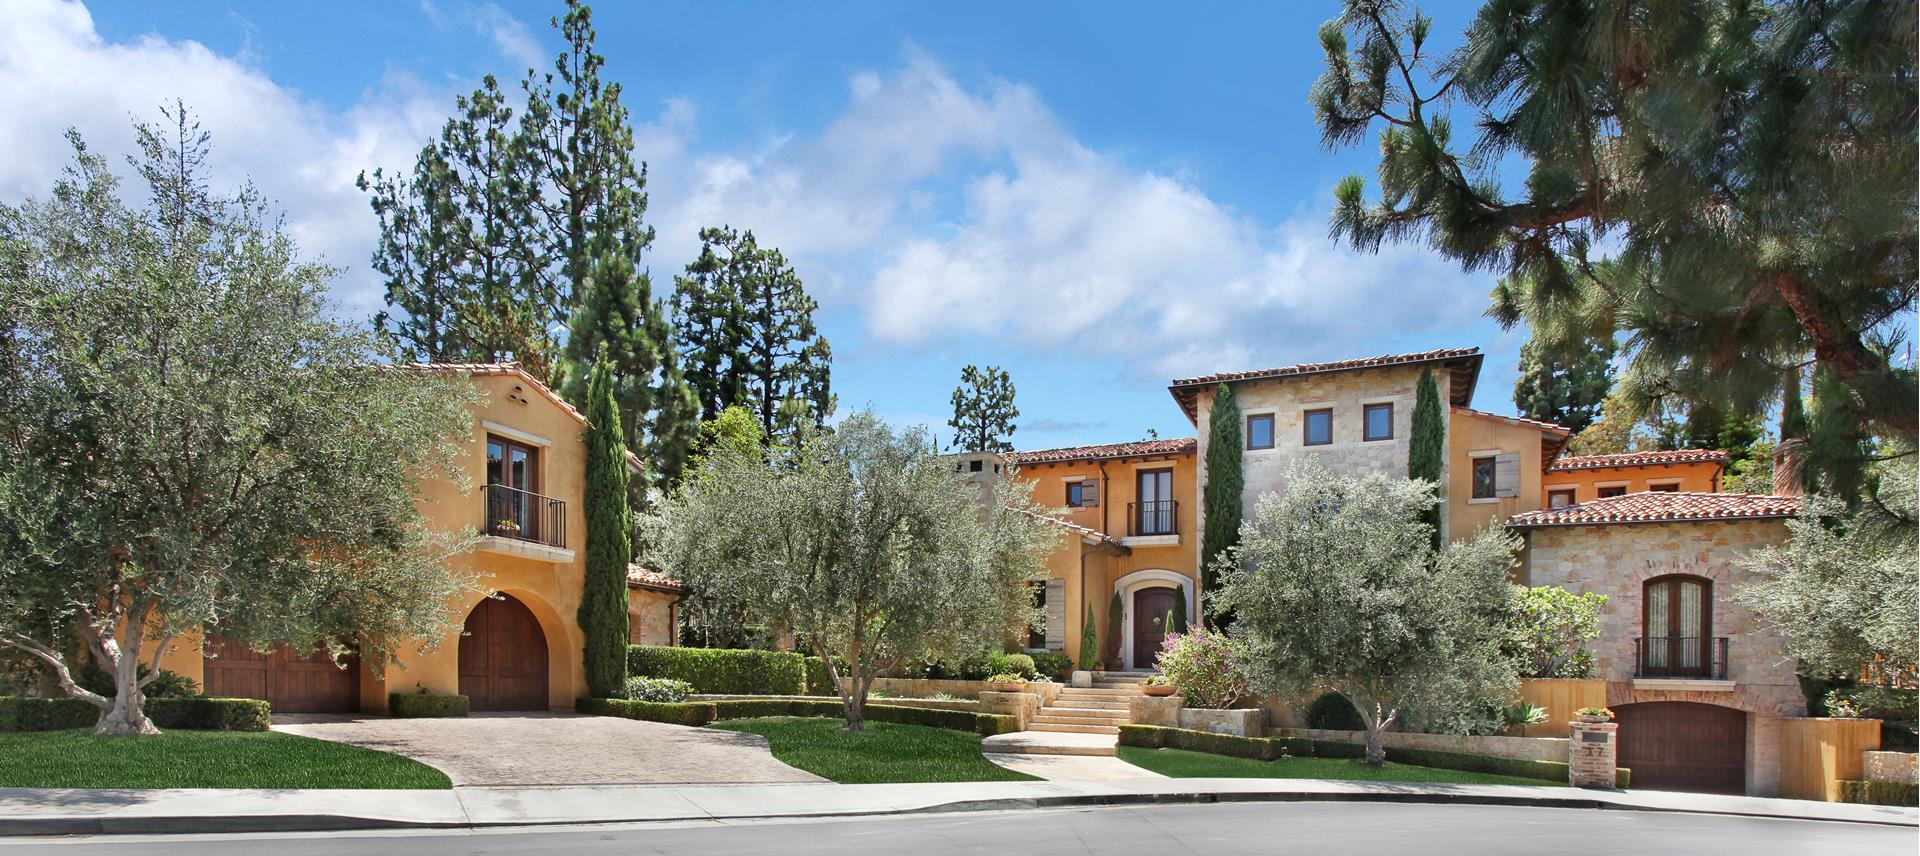 17 Cherry Hills Lane - Newport Beach, California